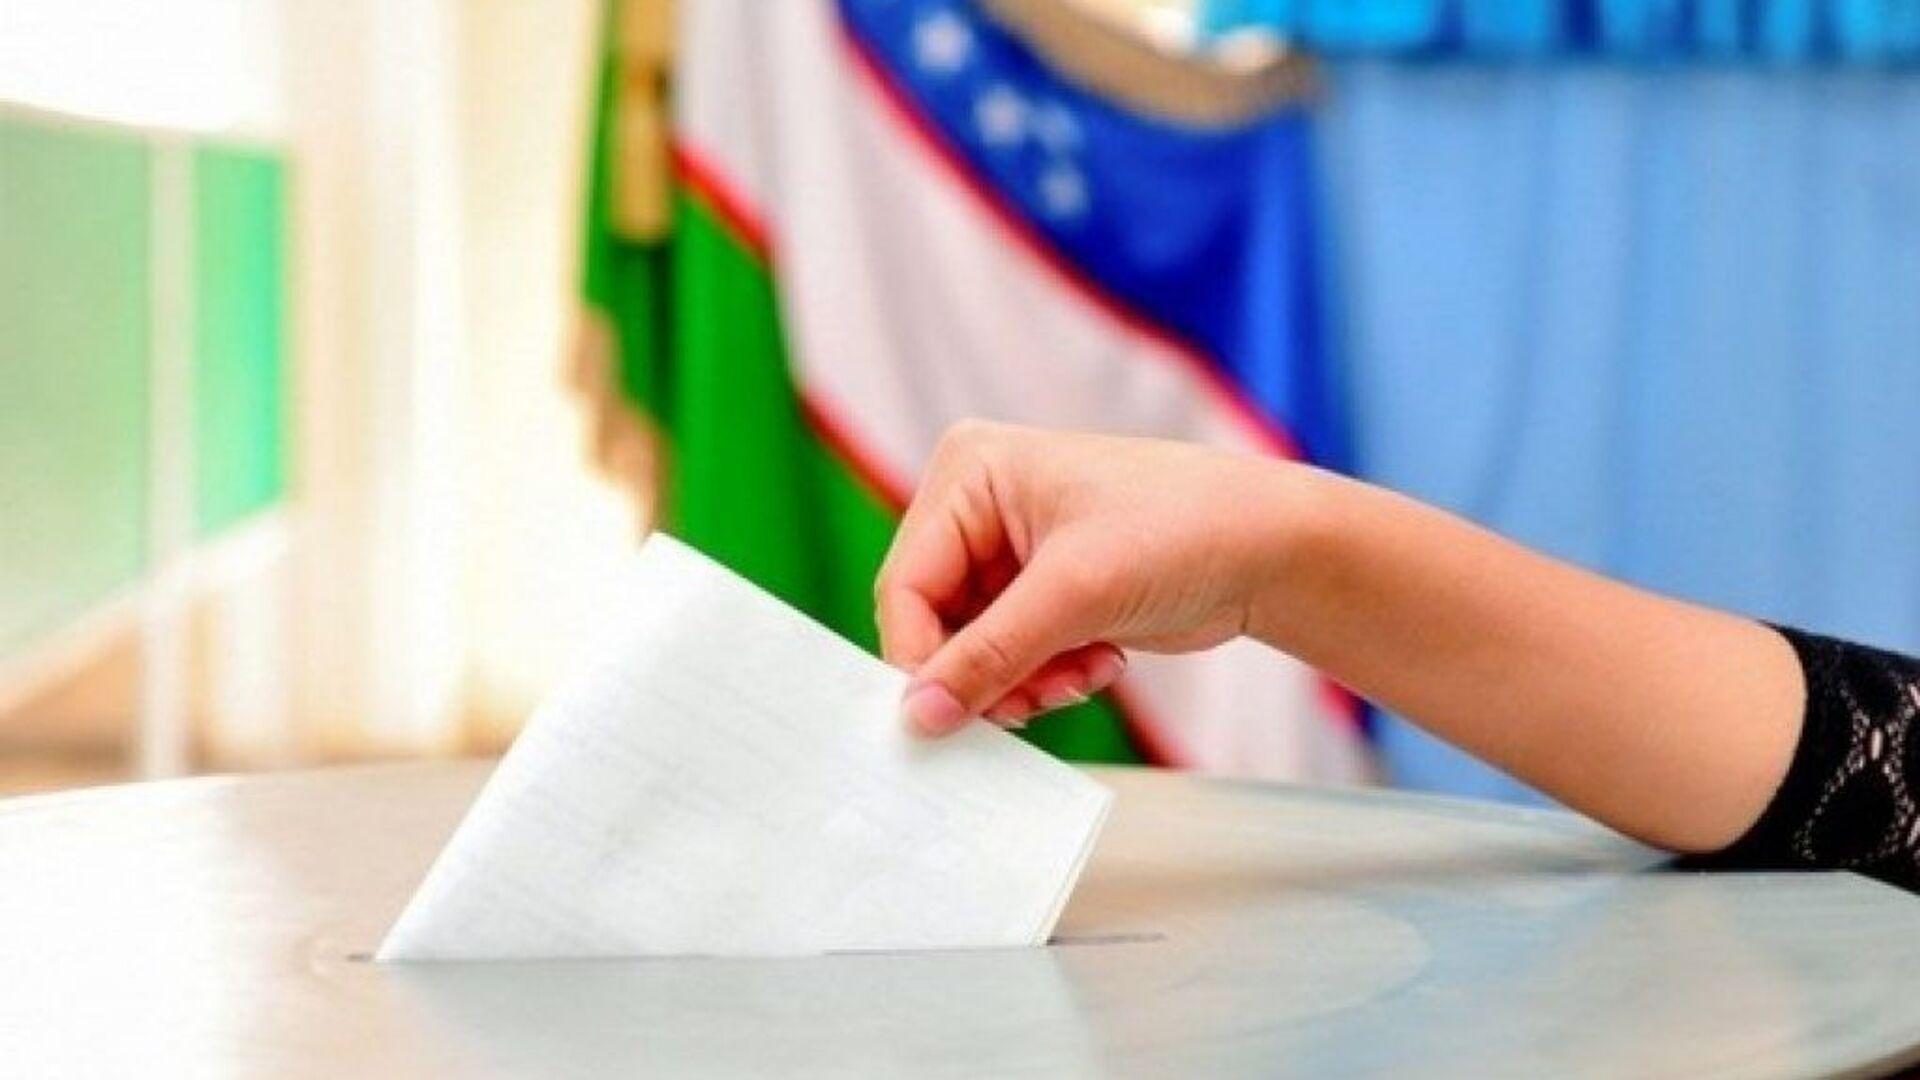 Выборы в Узбекистане - Sputnik Узбекистан, 1920, 07.10.2021